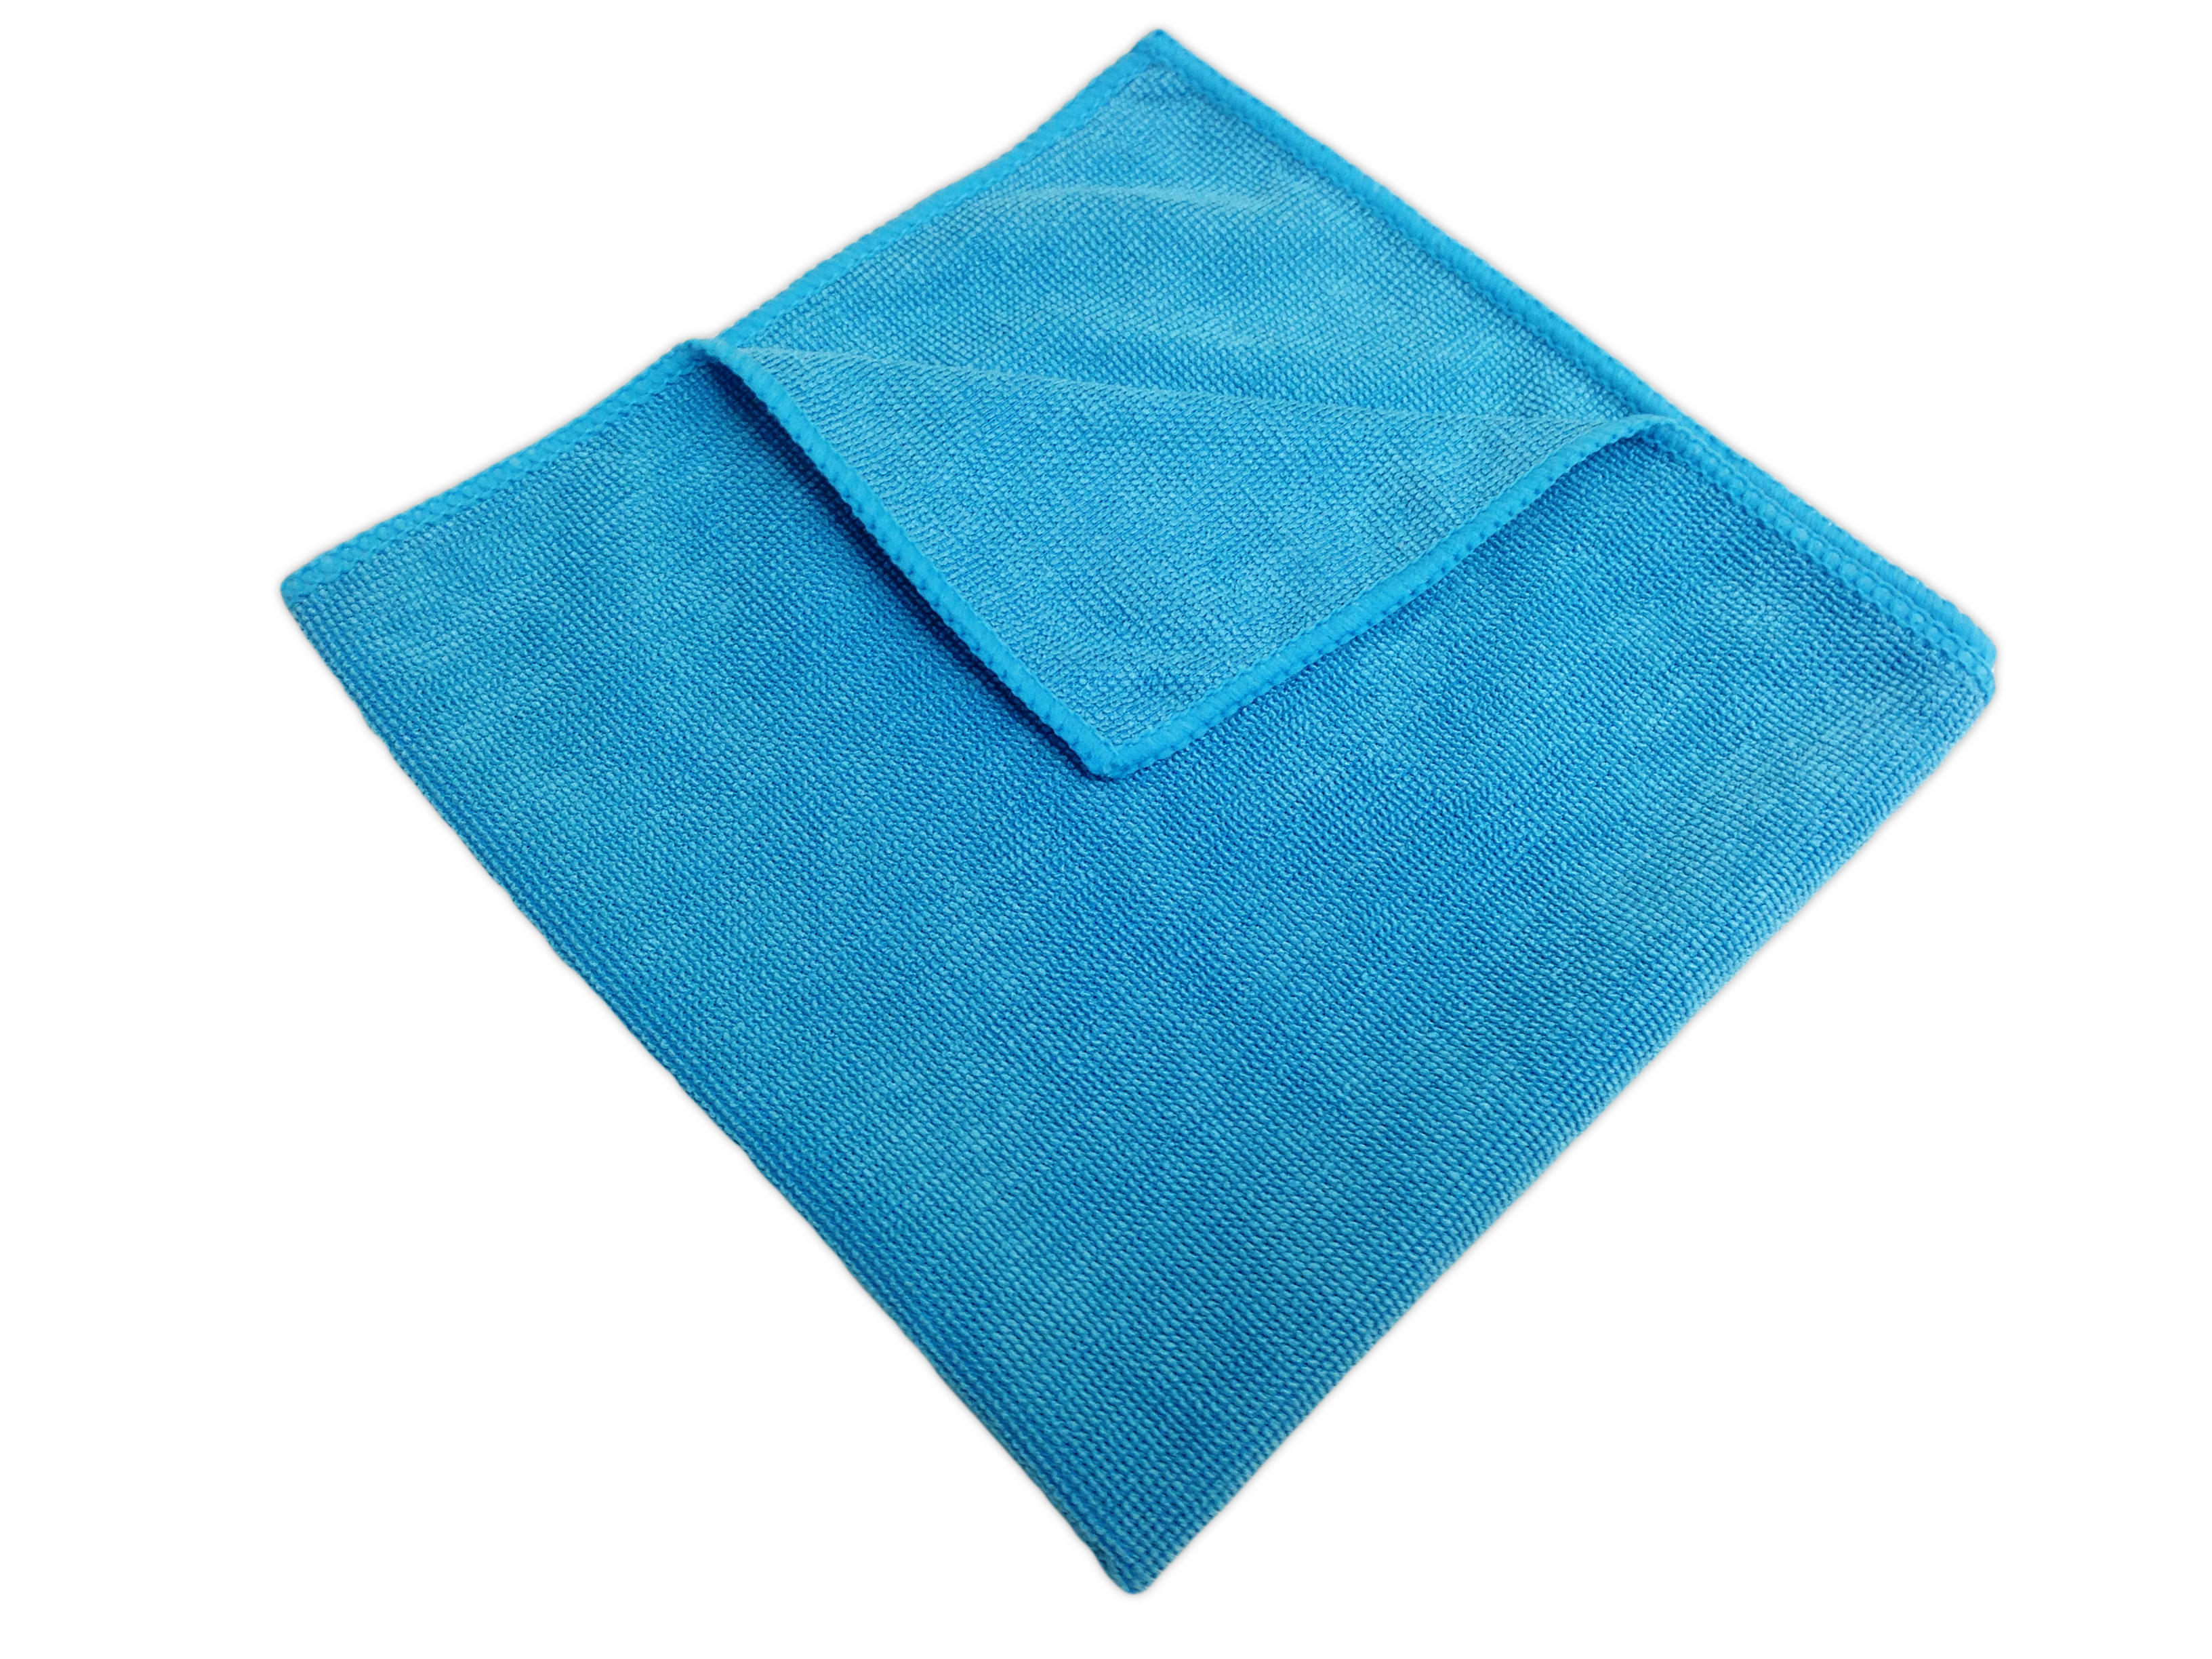 16 Quot X16 Quot Maxloop Microfiber Cleaning Cloth